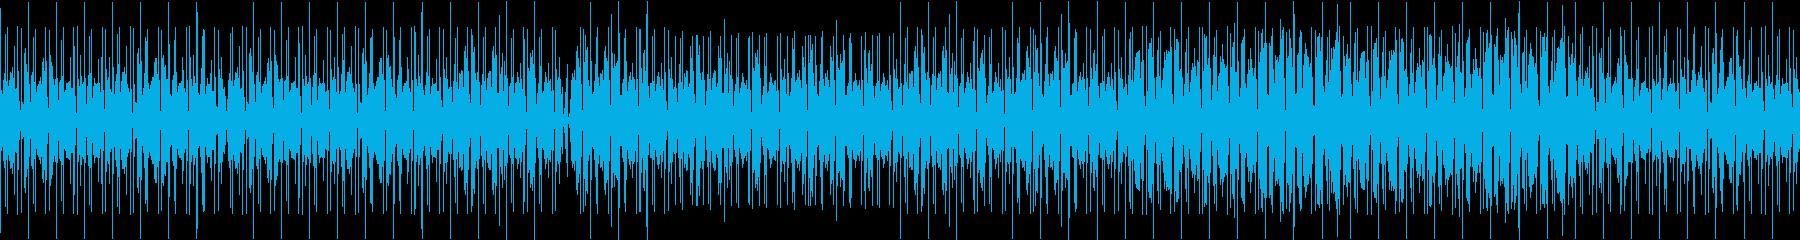 クールなチルホップ系BGMの再生済みの波形